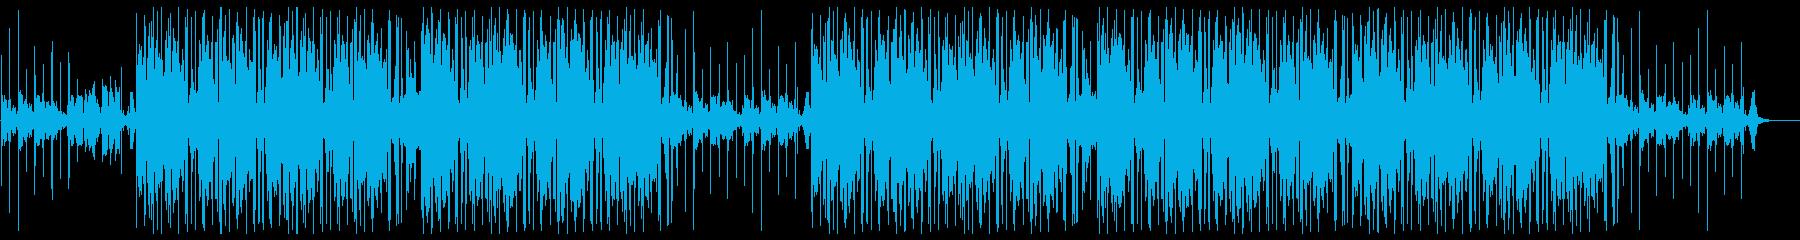 おしゃれかっこいいローファイヒップホップの再生済みの波形